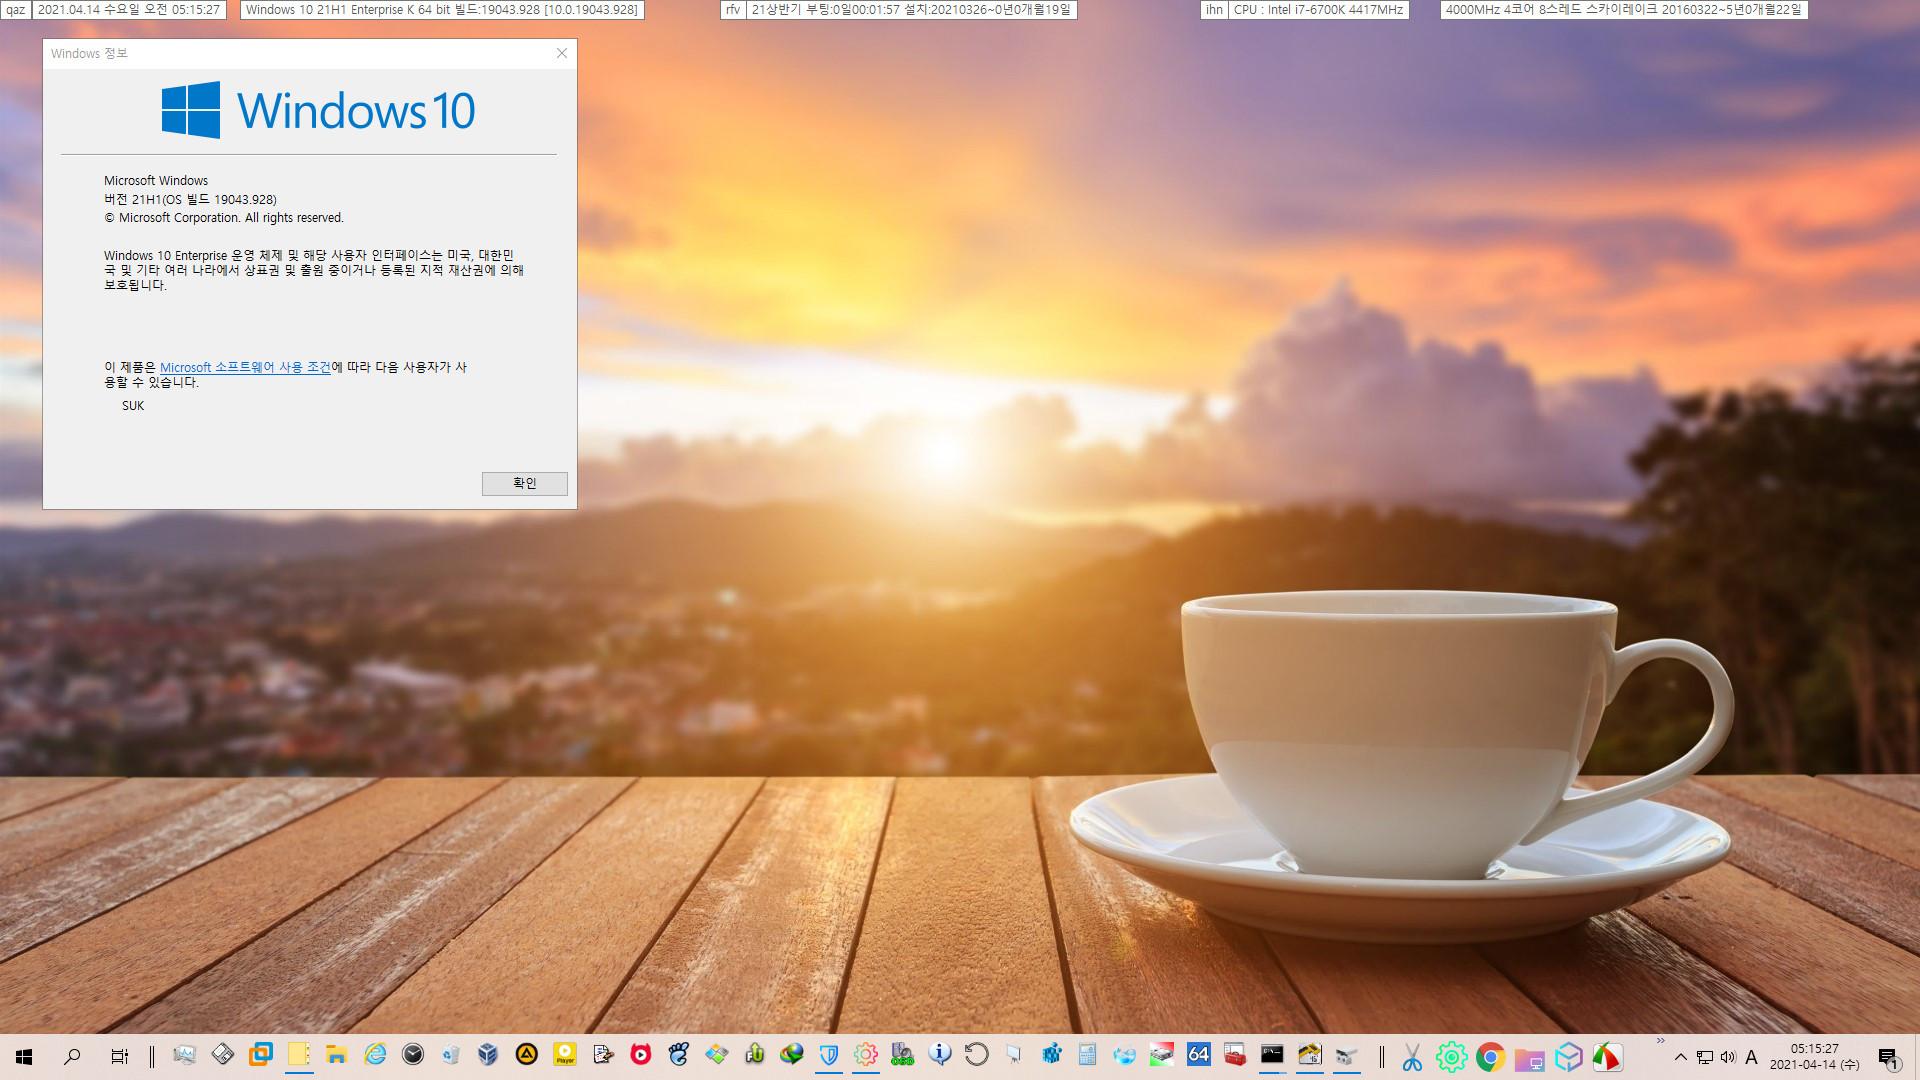 2021-04-14 수요일 정기 업데이트 - Windows 10 버전 21H1 (OS 빌드 19043.928) - 공용 누적 업데이트 KB5001330 - 실컴에 설치 - 재부팅 후 2021-04-14_051527.jpg